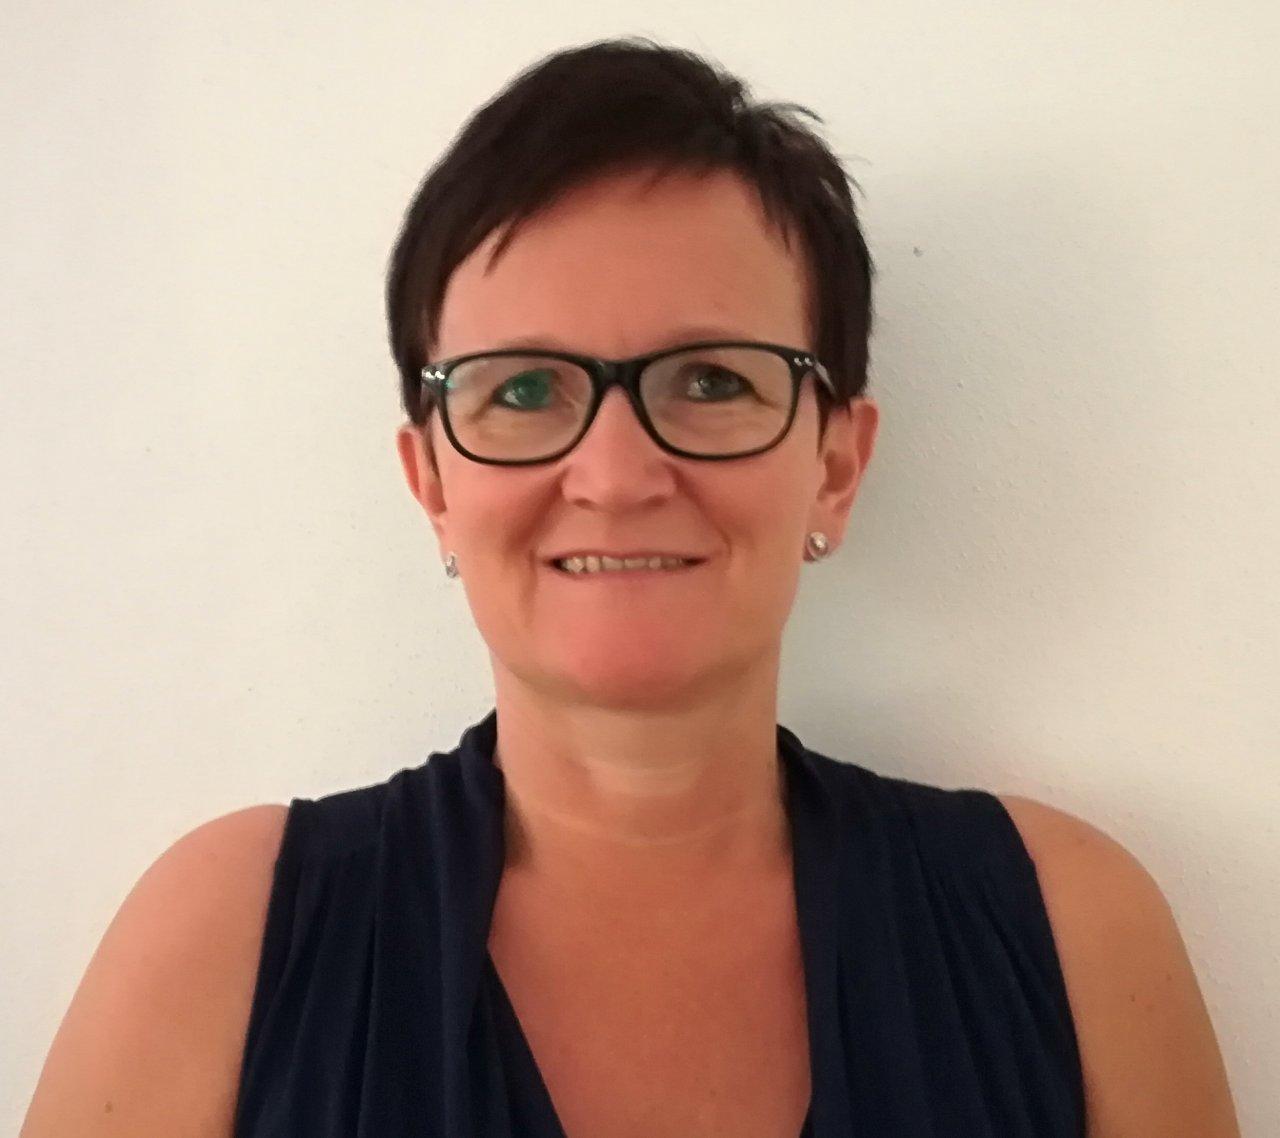 Das Bild zeit das Porträtfoto von Alexandra Pesendorfer mit kurzen schwarzen Haaren, einer schwarzen Brille und einem schwarzem Oberteil.